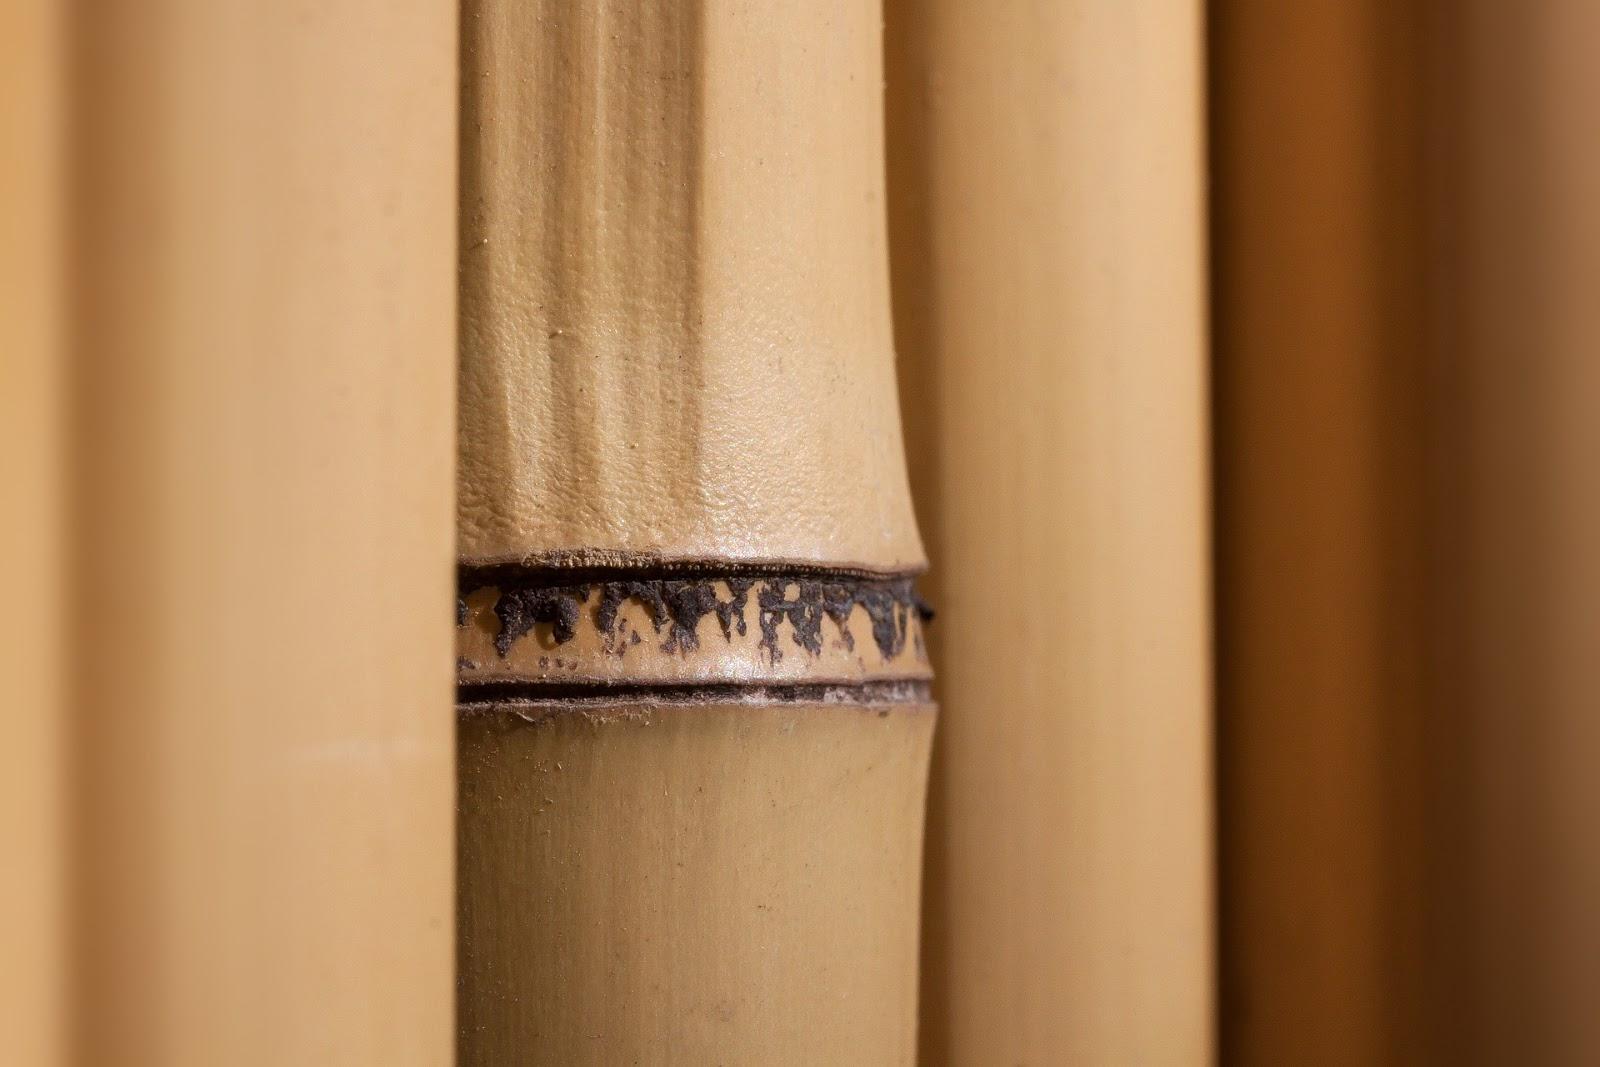 Badmöbel aus Bambus Holz: Erfahrungen und Empfehlungen für den Kauf